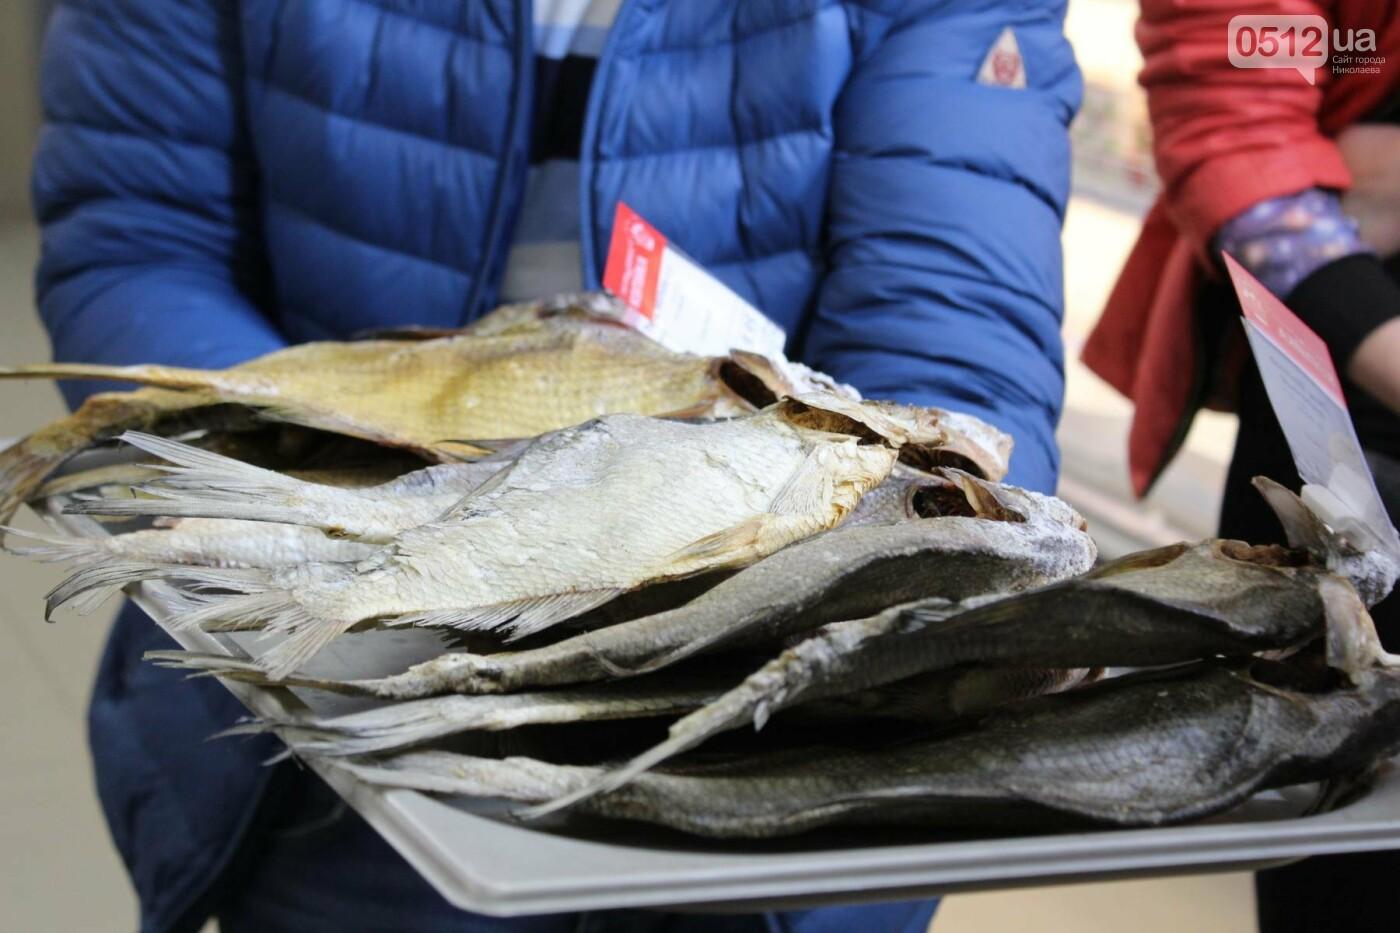 Проверка в супермаркетах: как николаевцам подсовывают испорченный товар (ФОТОРЕПОРТАЖ, ВИДЕО), фото-9